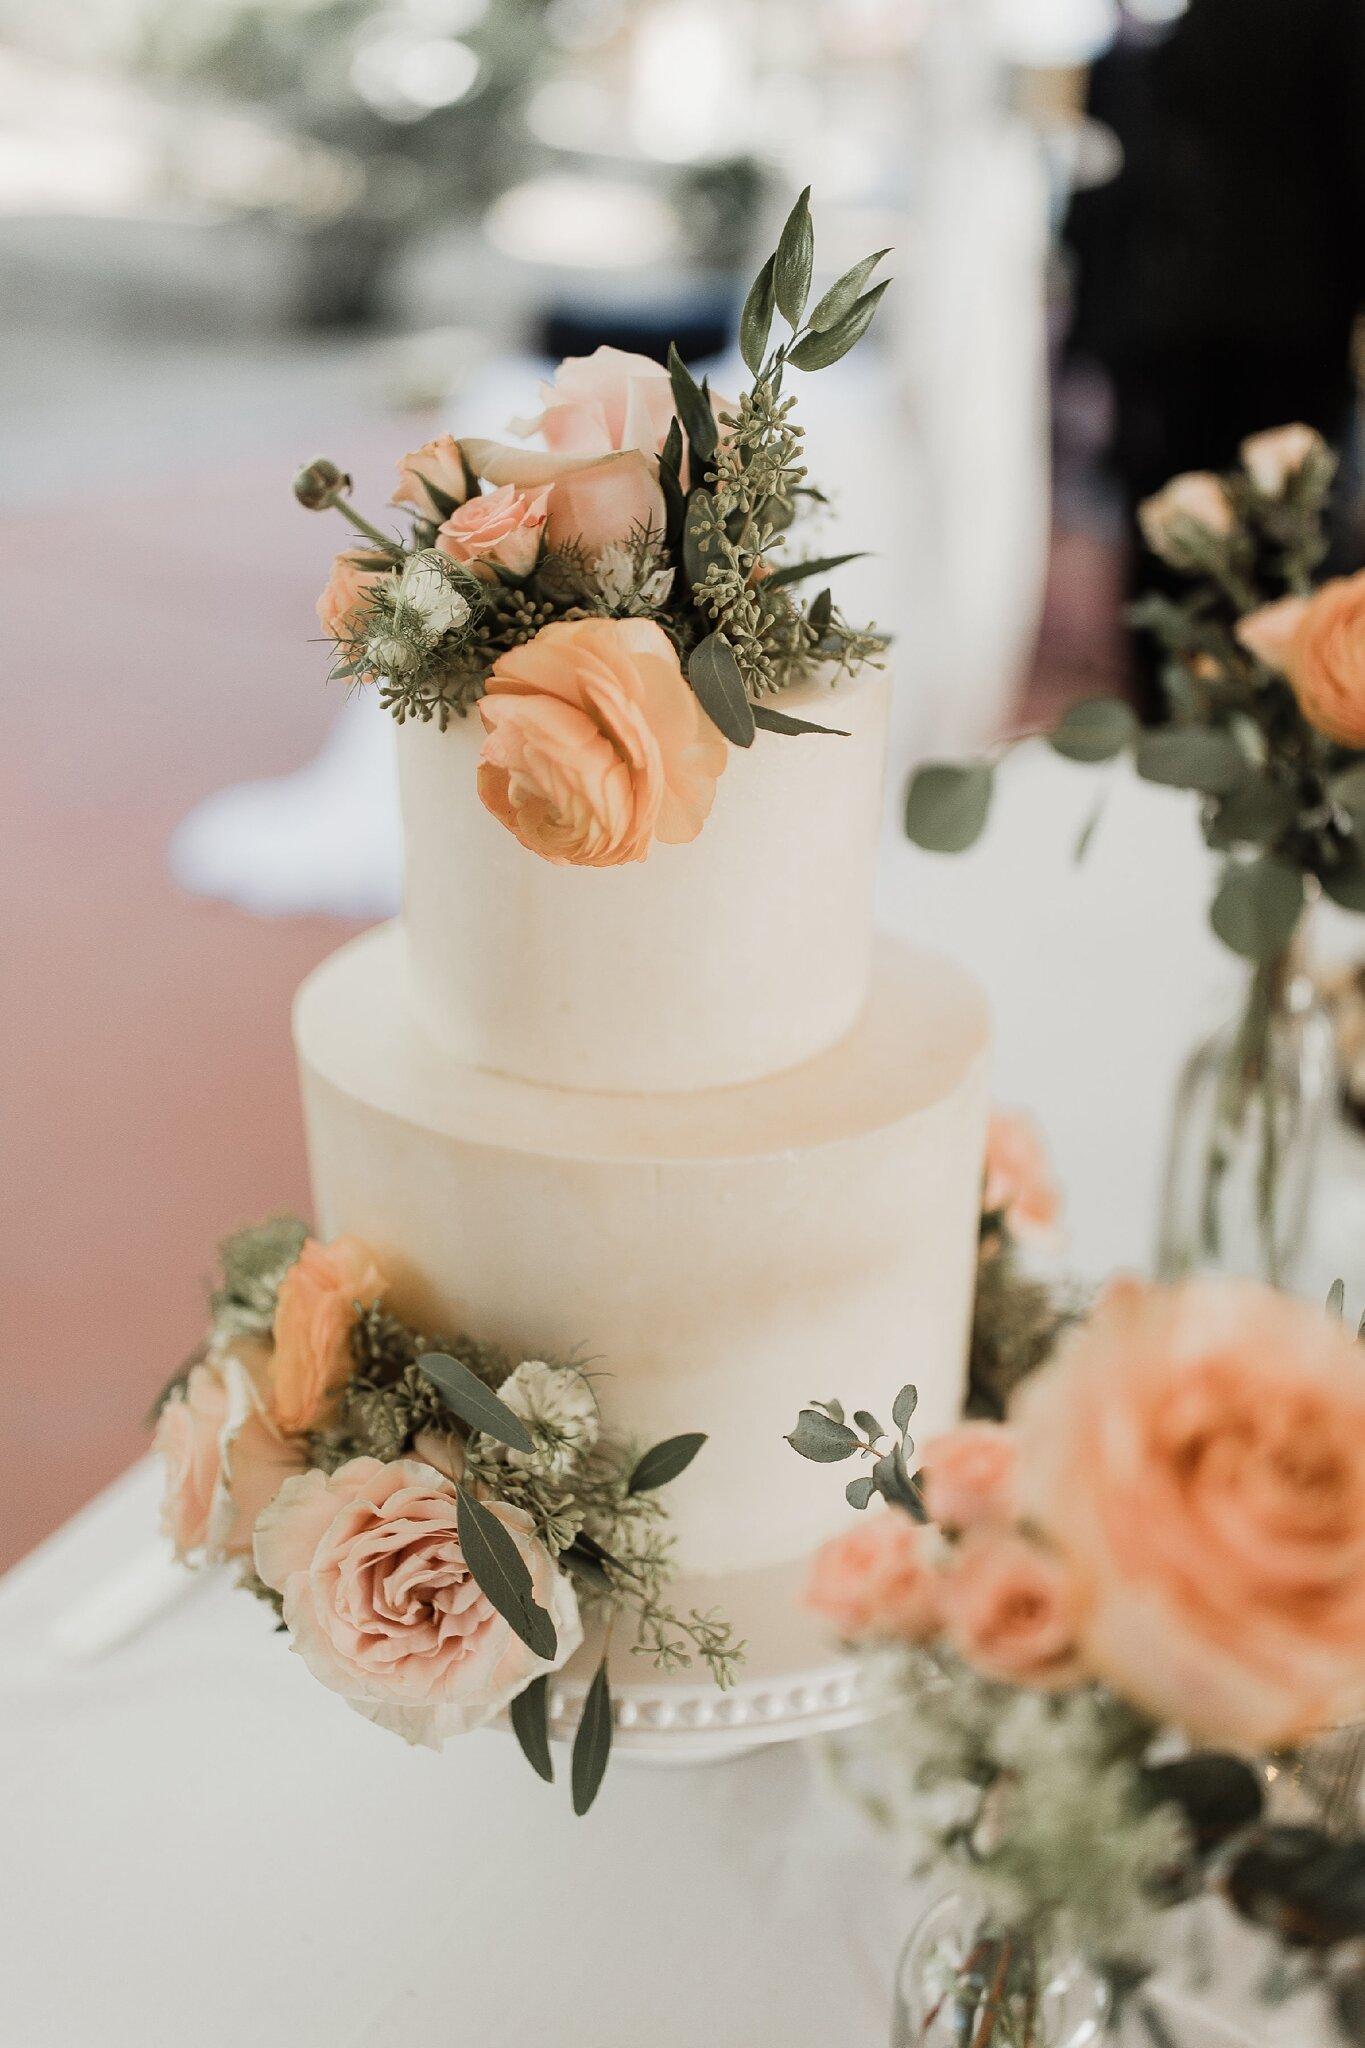 Alicia+lucia+photography+-+albuquerque+wedding+photographer+-+santa+fe+wedding+photography+-+new+mexico+wedding+photographer+-+new+mexico+wedding+-+wedding+-+wedding+cakes+-+flroal+cake+-+santa+fe+cake+-+santa+fe+baker_0001.jpg